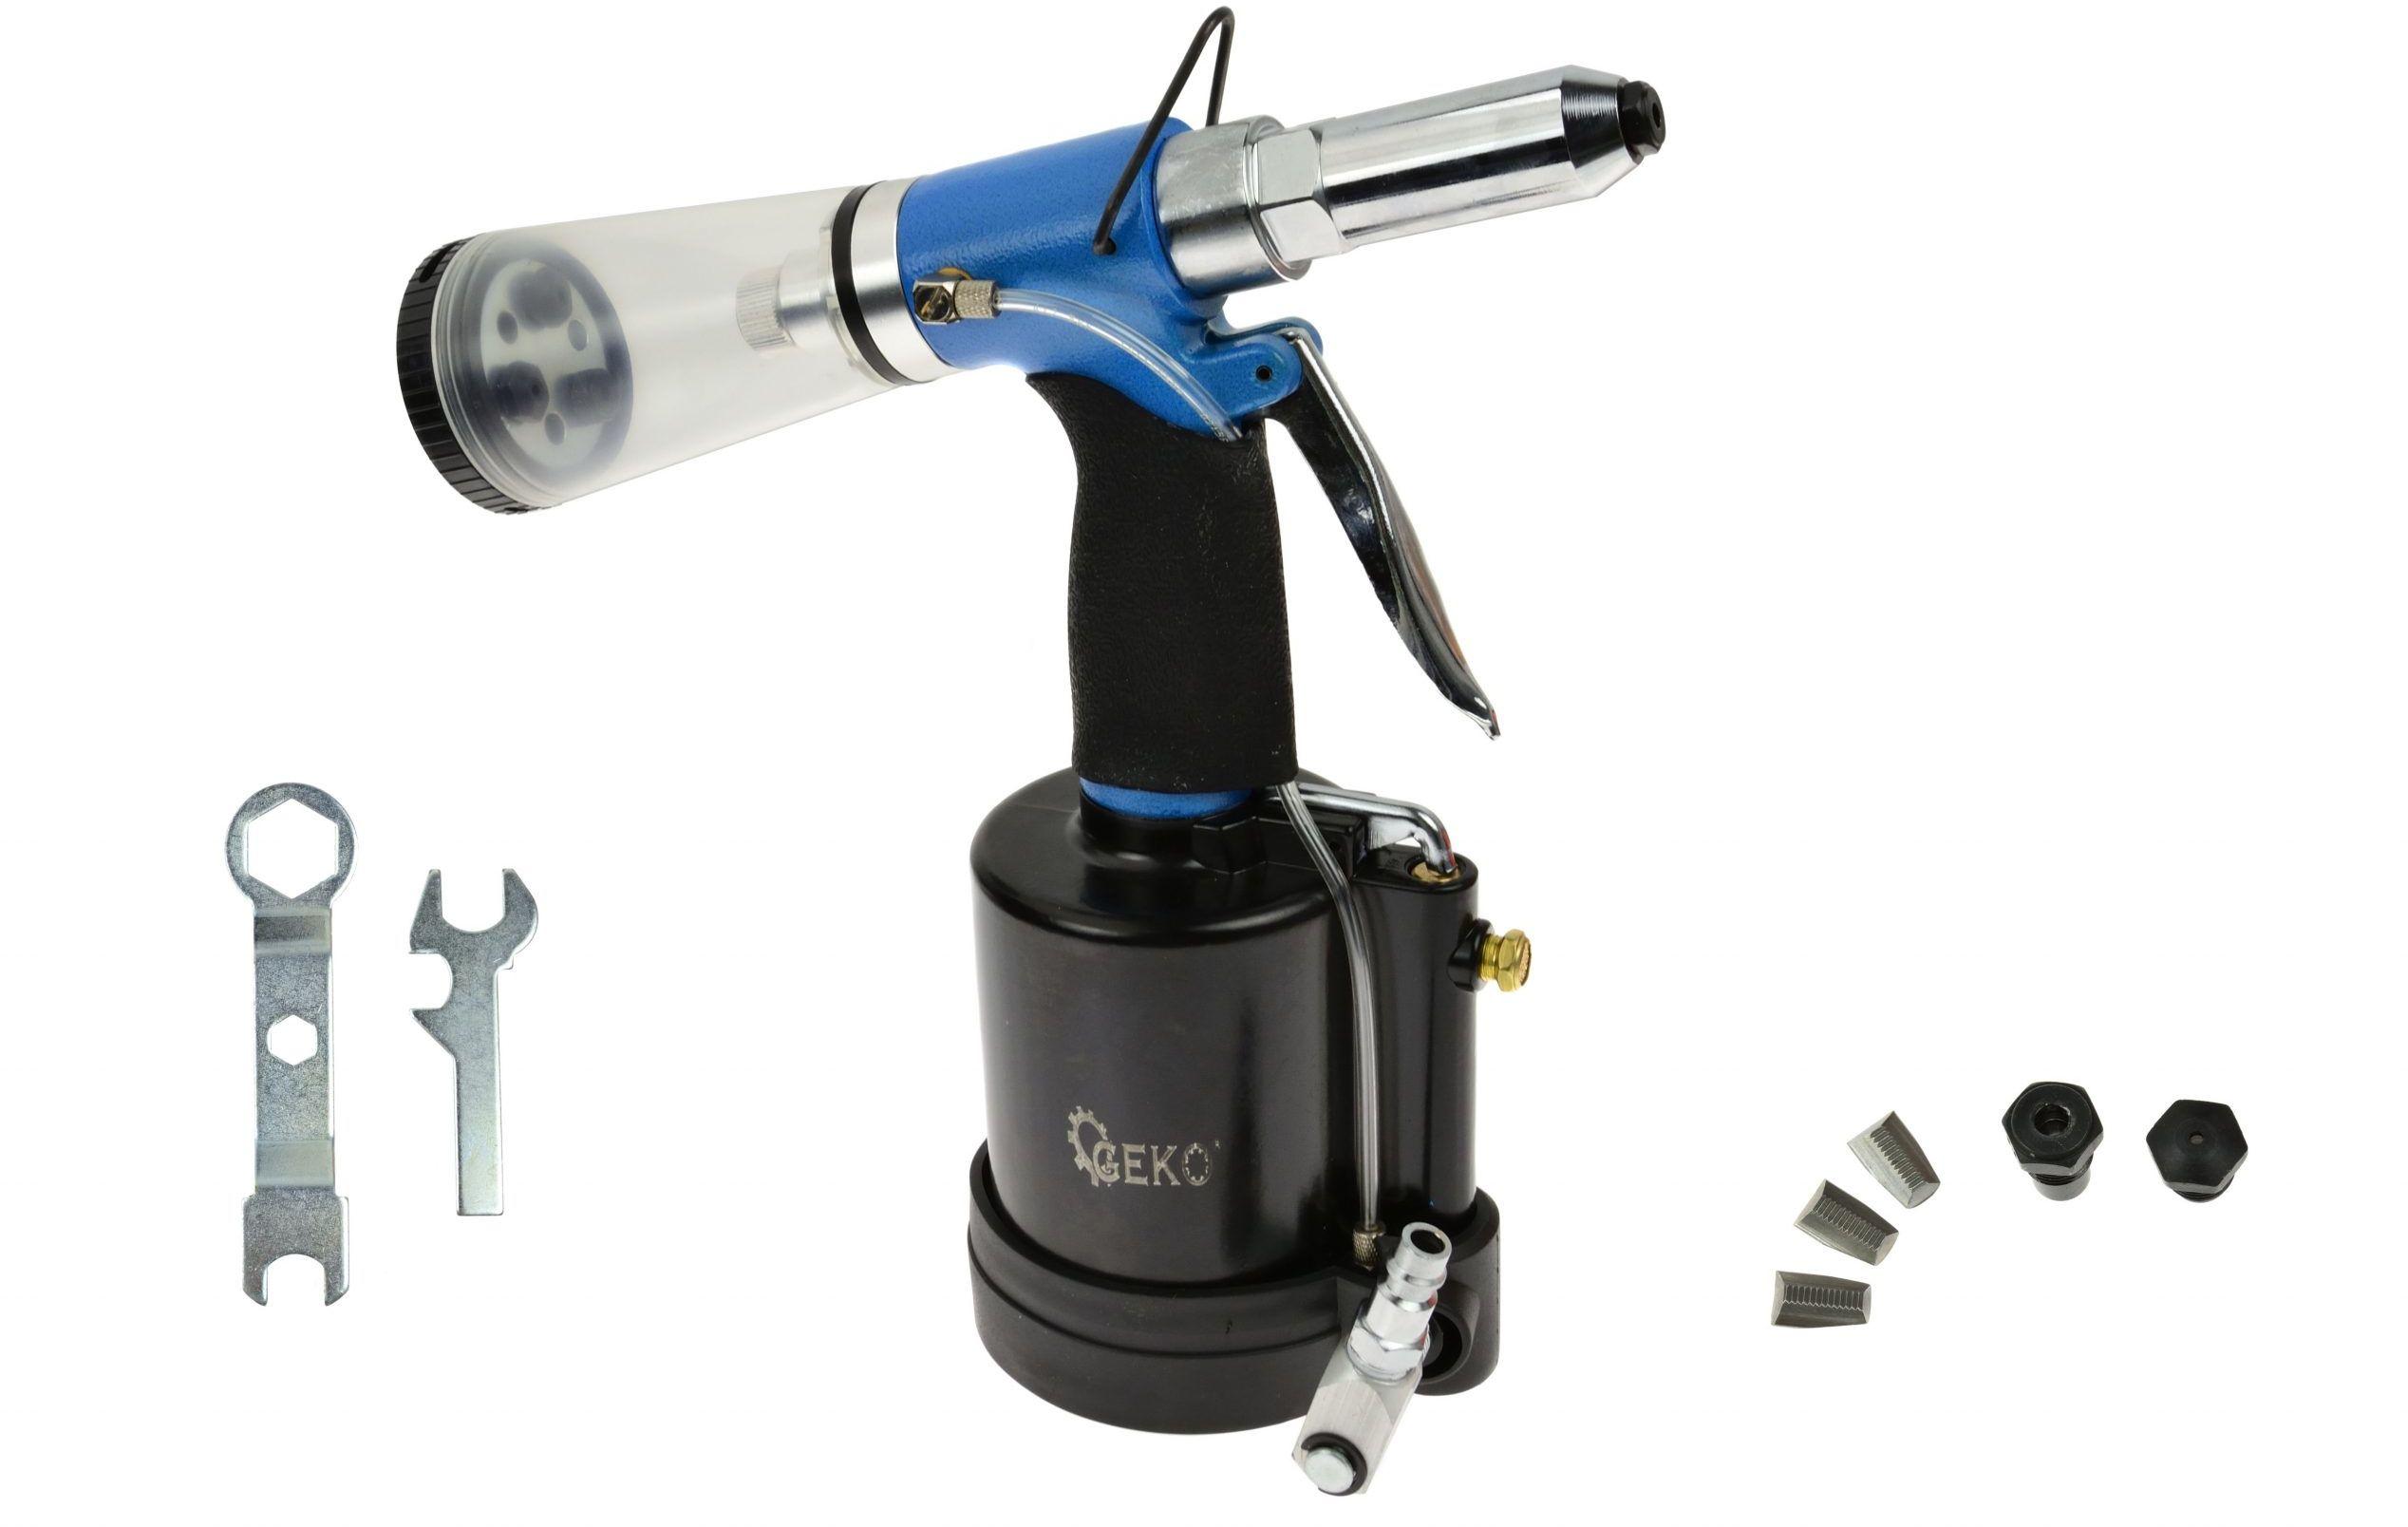 Nitownica pneumatyczna z automatycznym zasysem nitów 2,4-6,4mm (G01347)